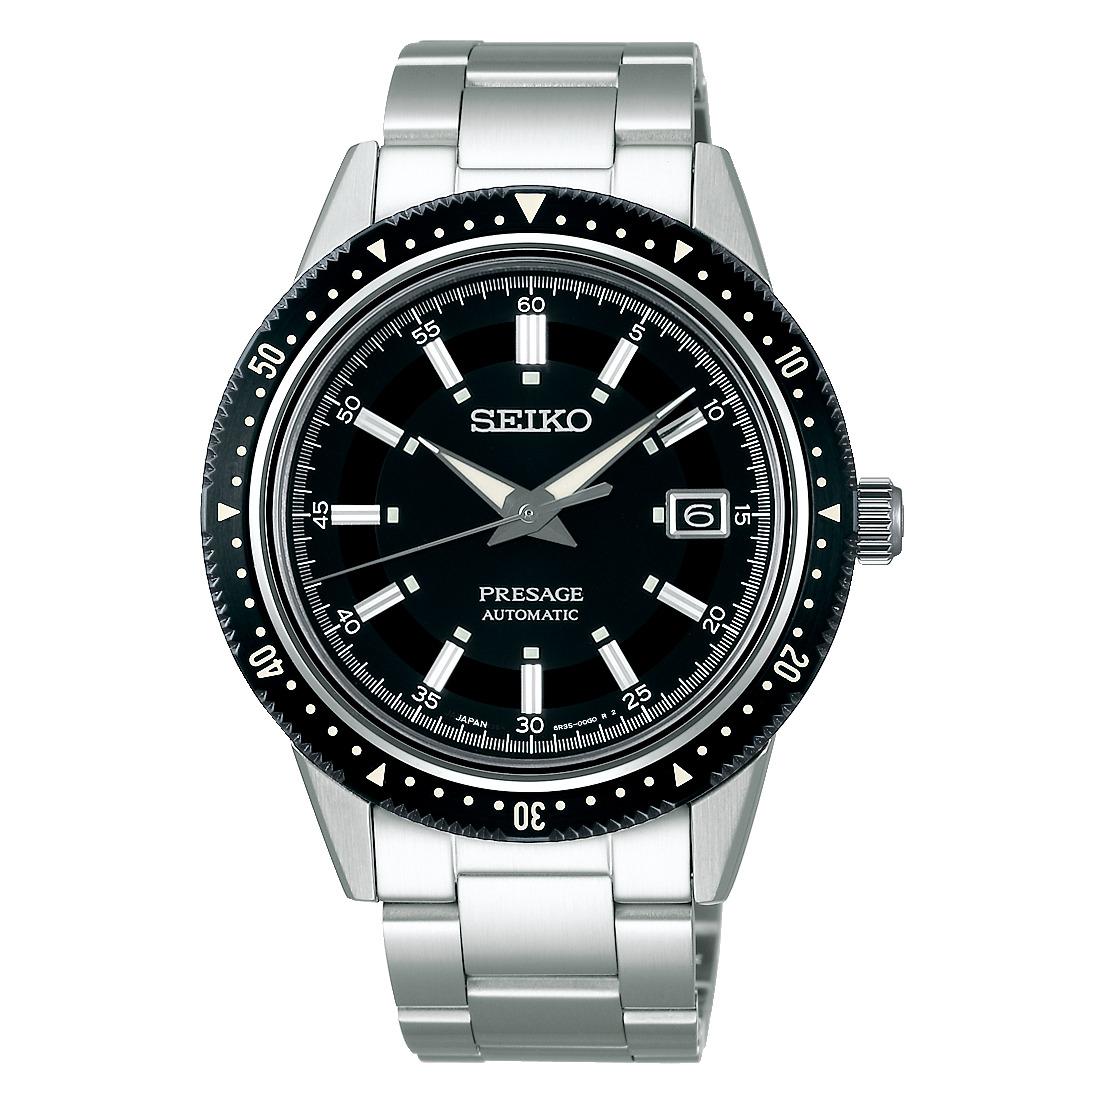 プレザージュ PRESAGE セイコー SEIKO SARX073 2020限定モデル 数量限定1964本 コアショップ限定 正規品 腕時計